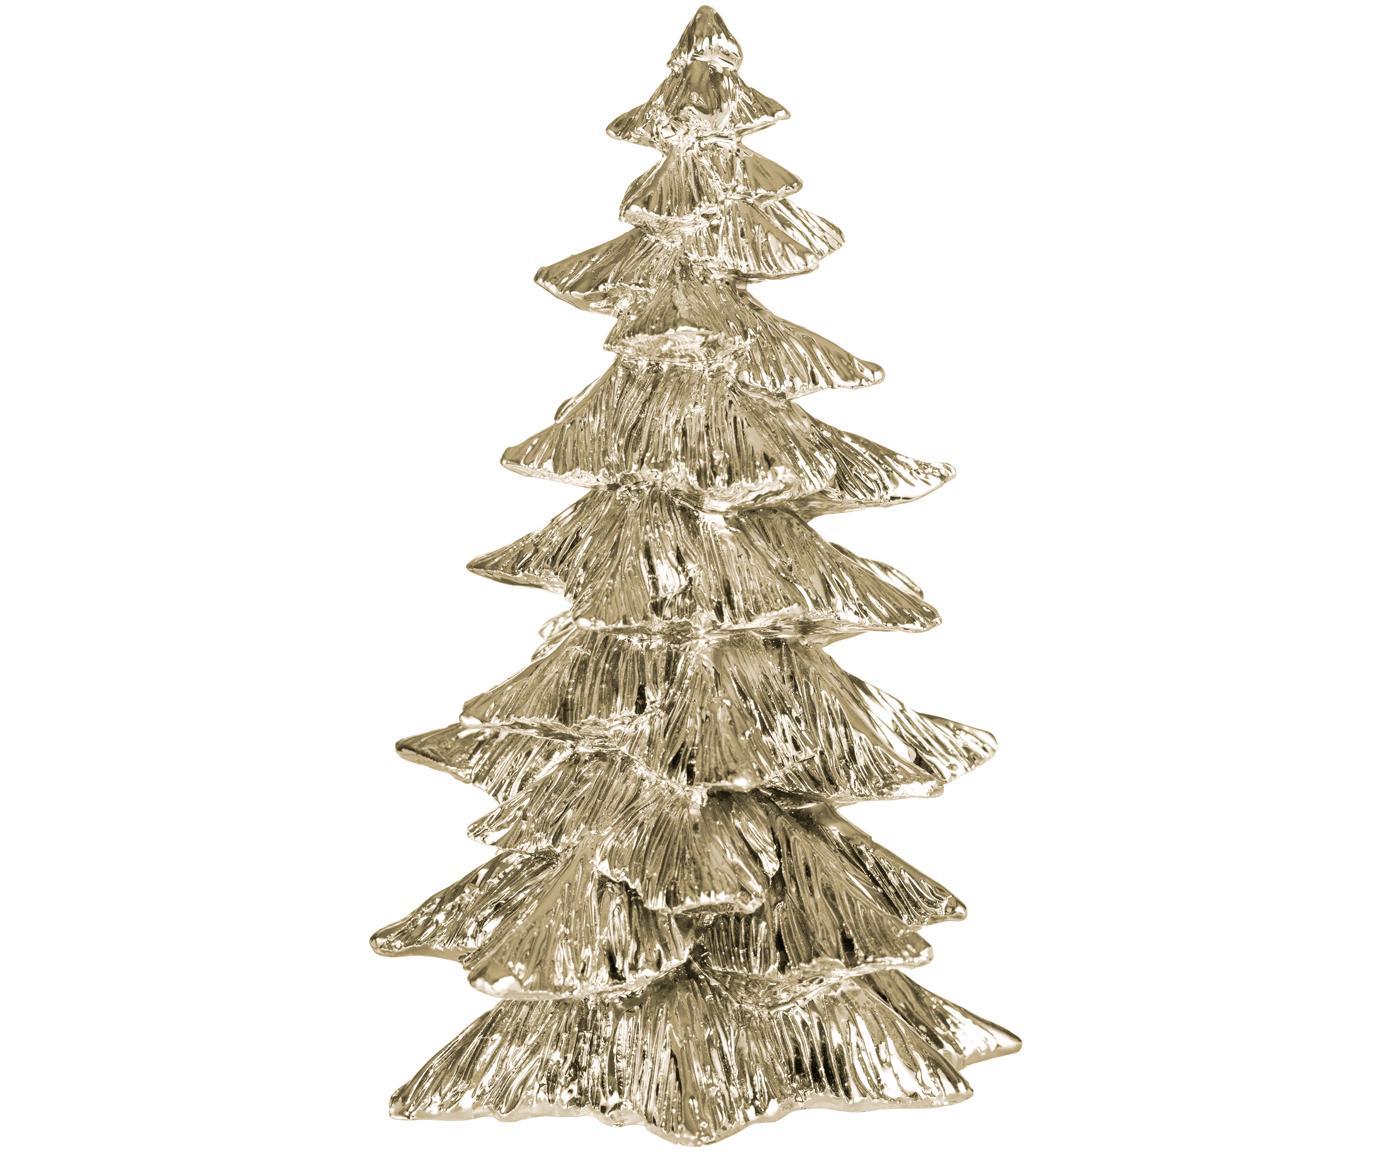 Dekoracja Serafina Christmas Tree, Poliresing, Odcienie złotego, Ø 10 x W 15 cm